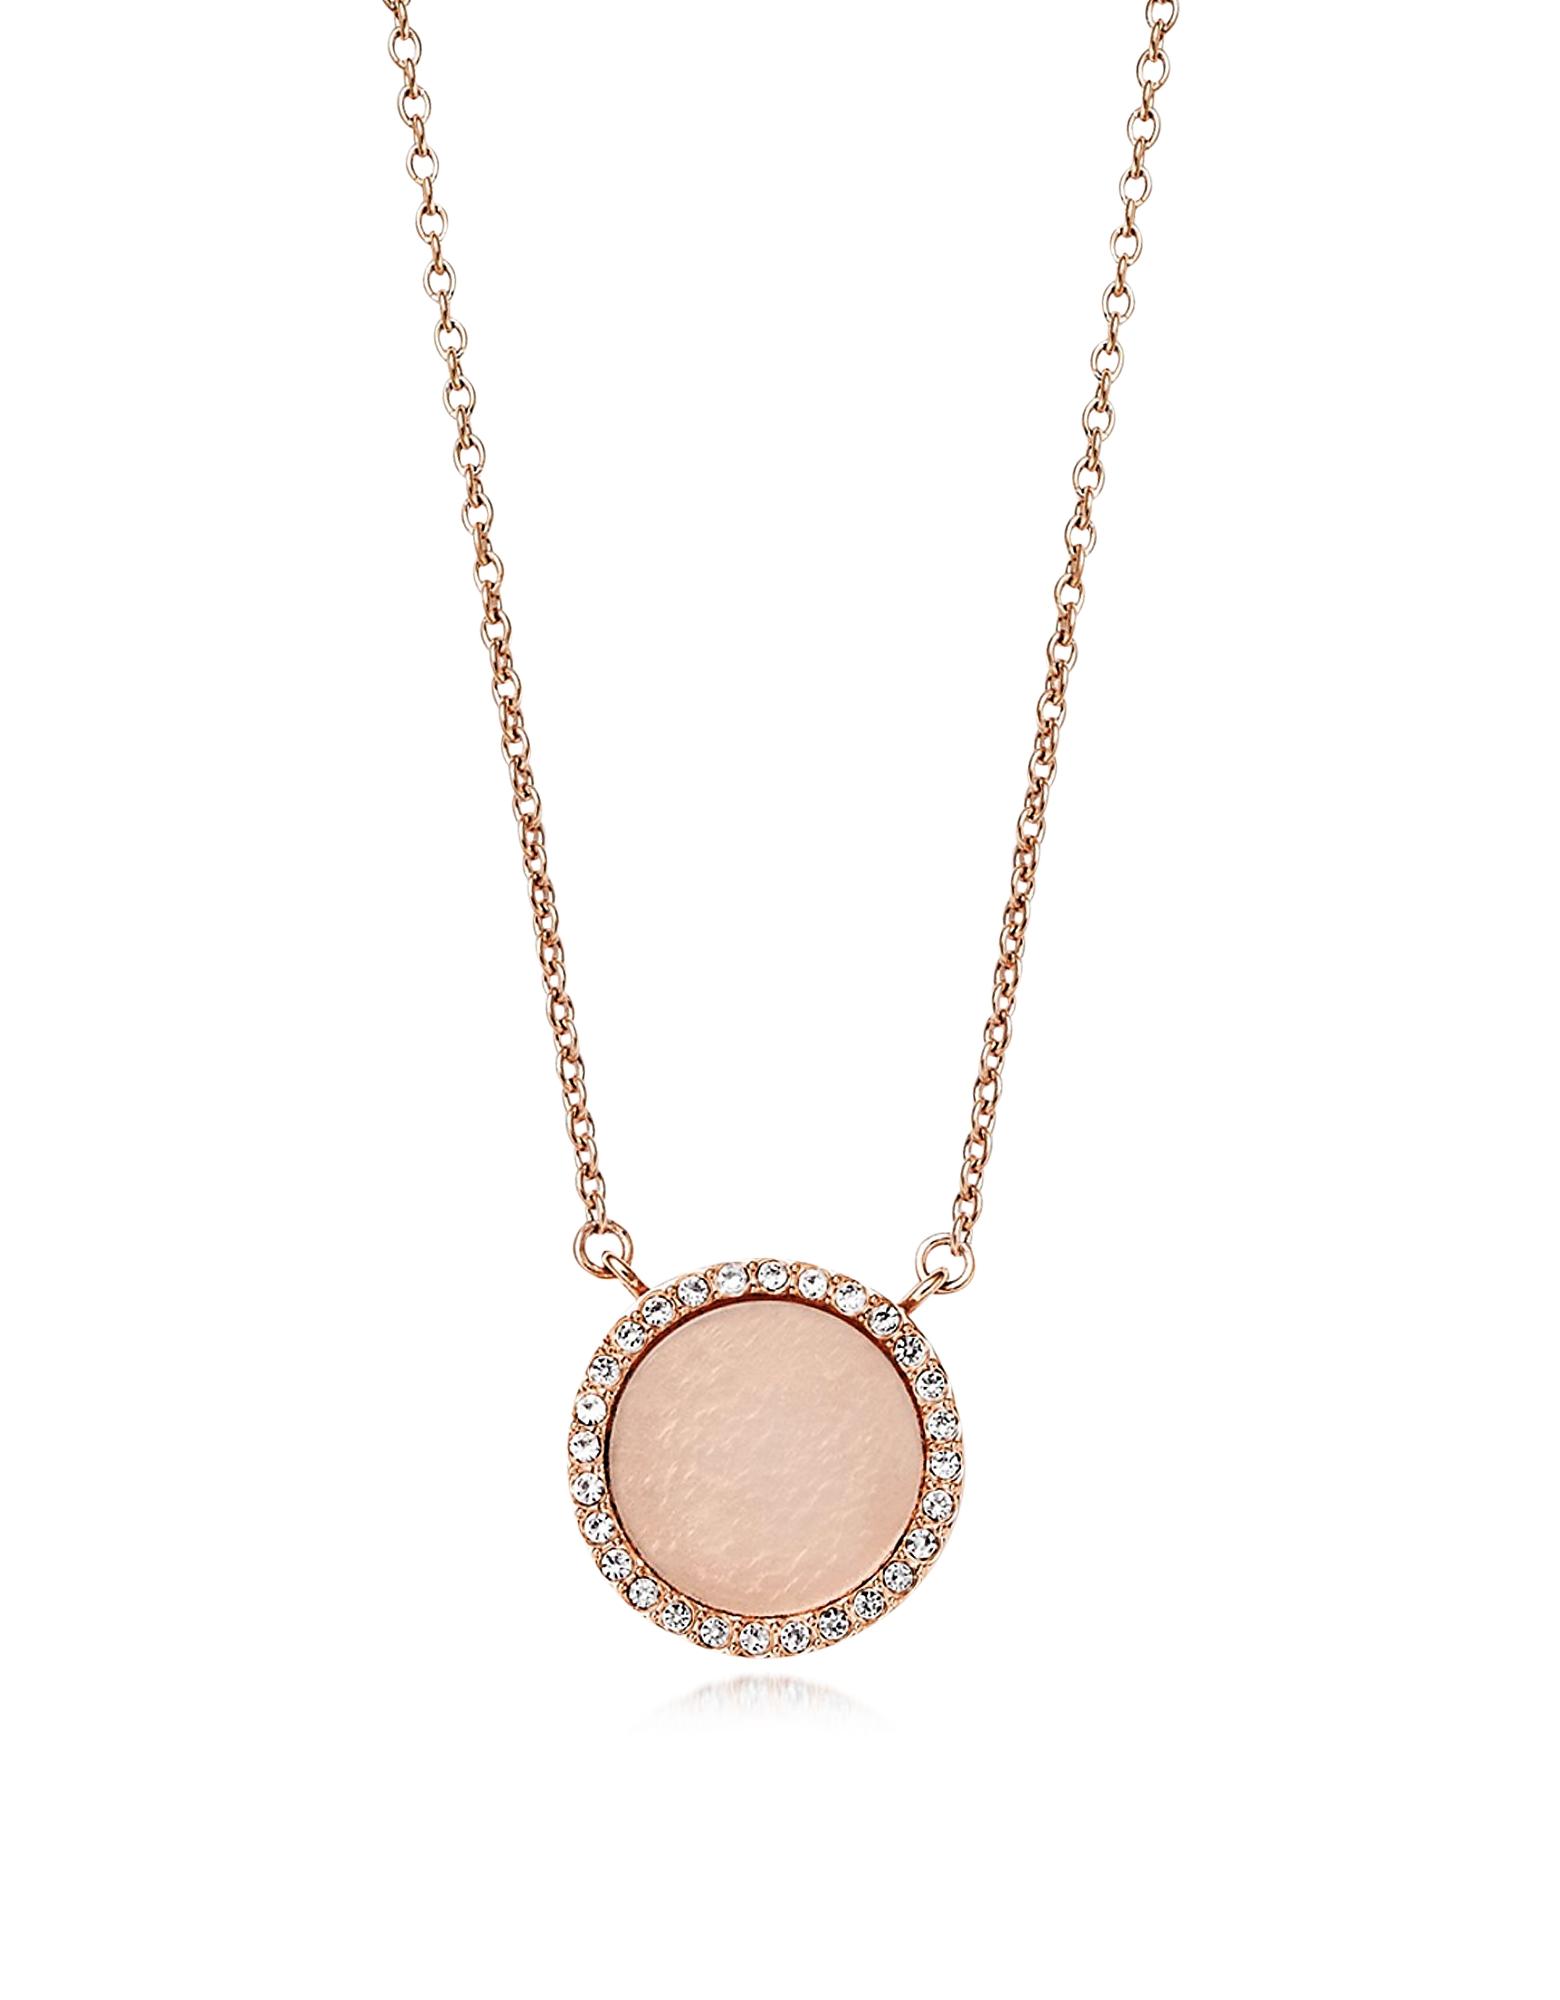 Heritage - Ожерелье с Напылением Розового Золота и Чармом